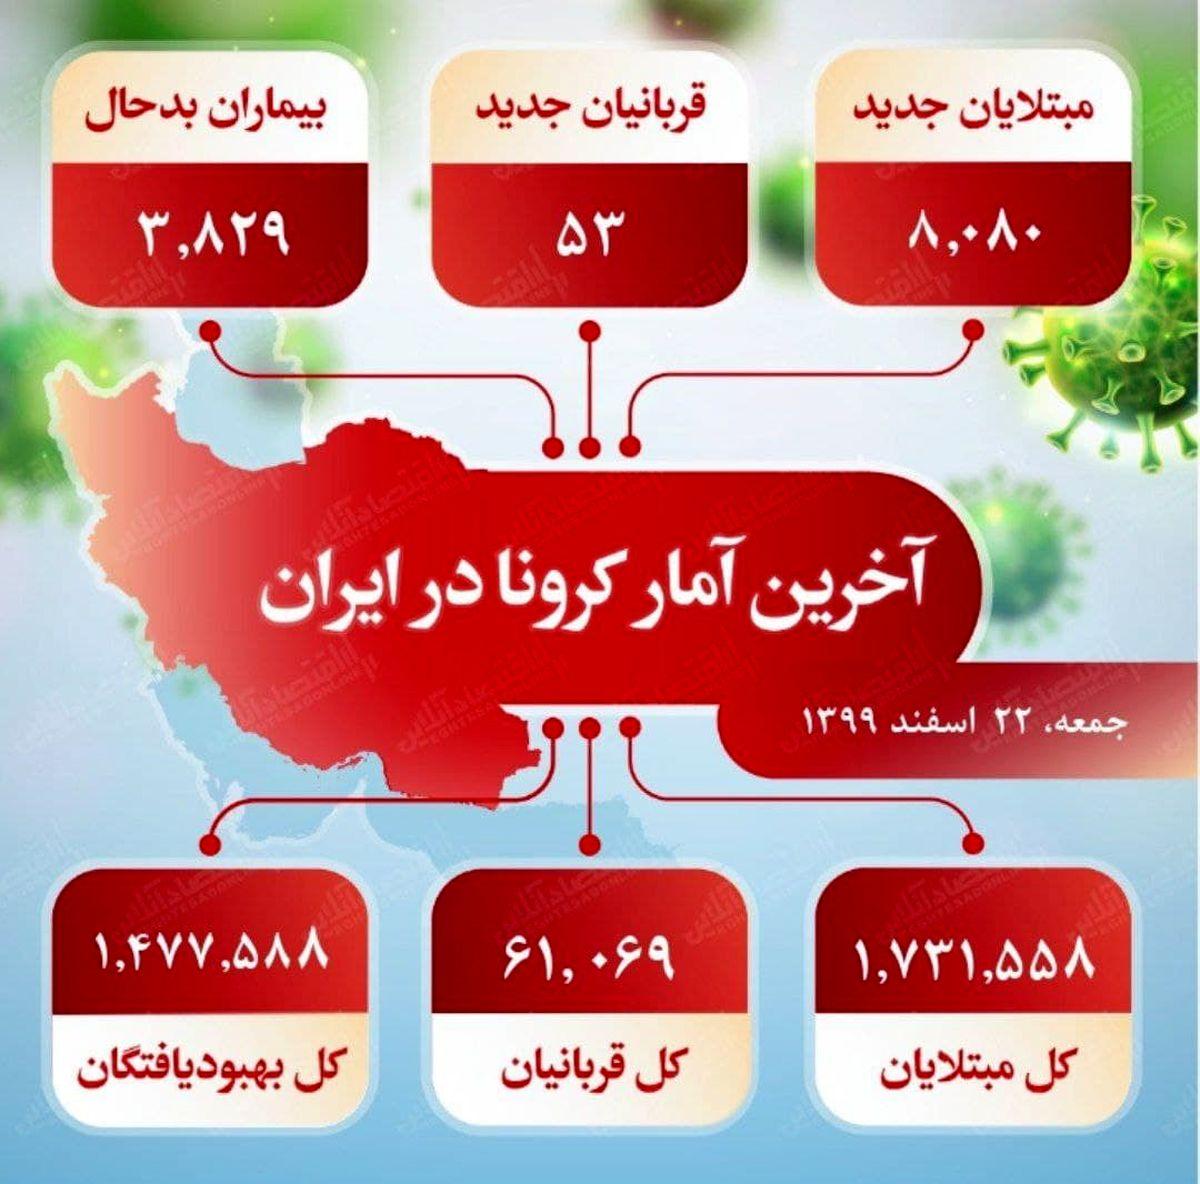 آخرین آمار کرونا در ایران (۹۹/۱۲/۲۲)